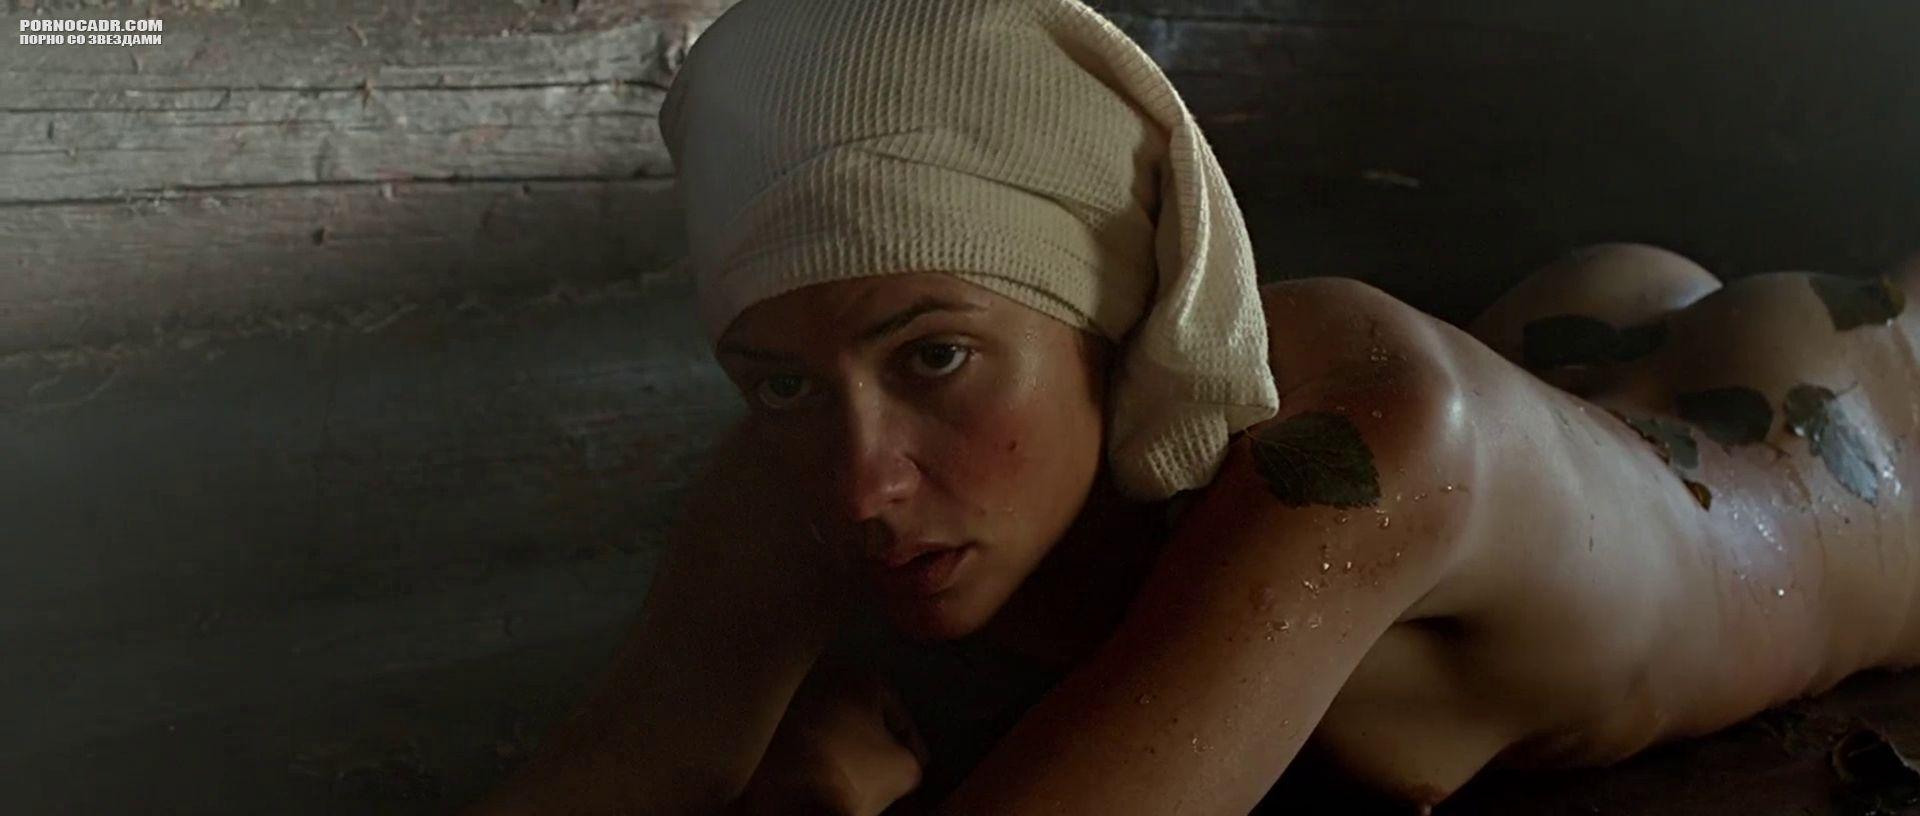 Смотреть сцены эротические в российских фильмах, самые большие голые попы в мире